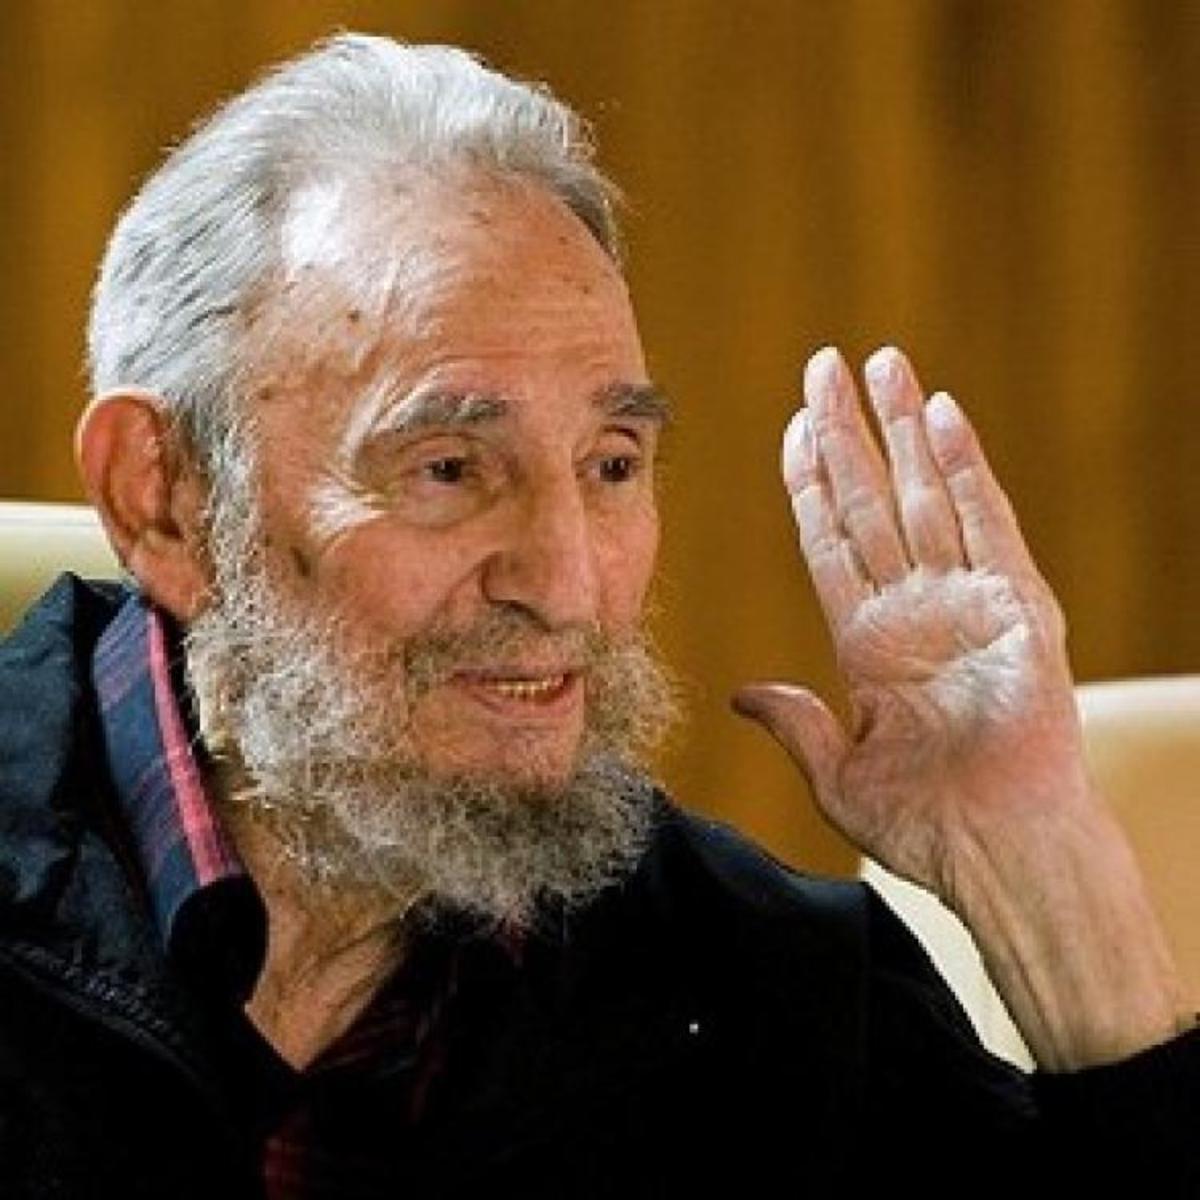 Προβληματισμός για την υγεία του Φιντέλ Κάστρο | Newsit.gr